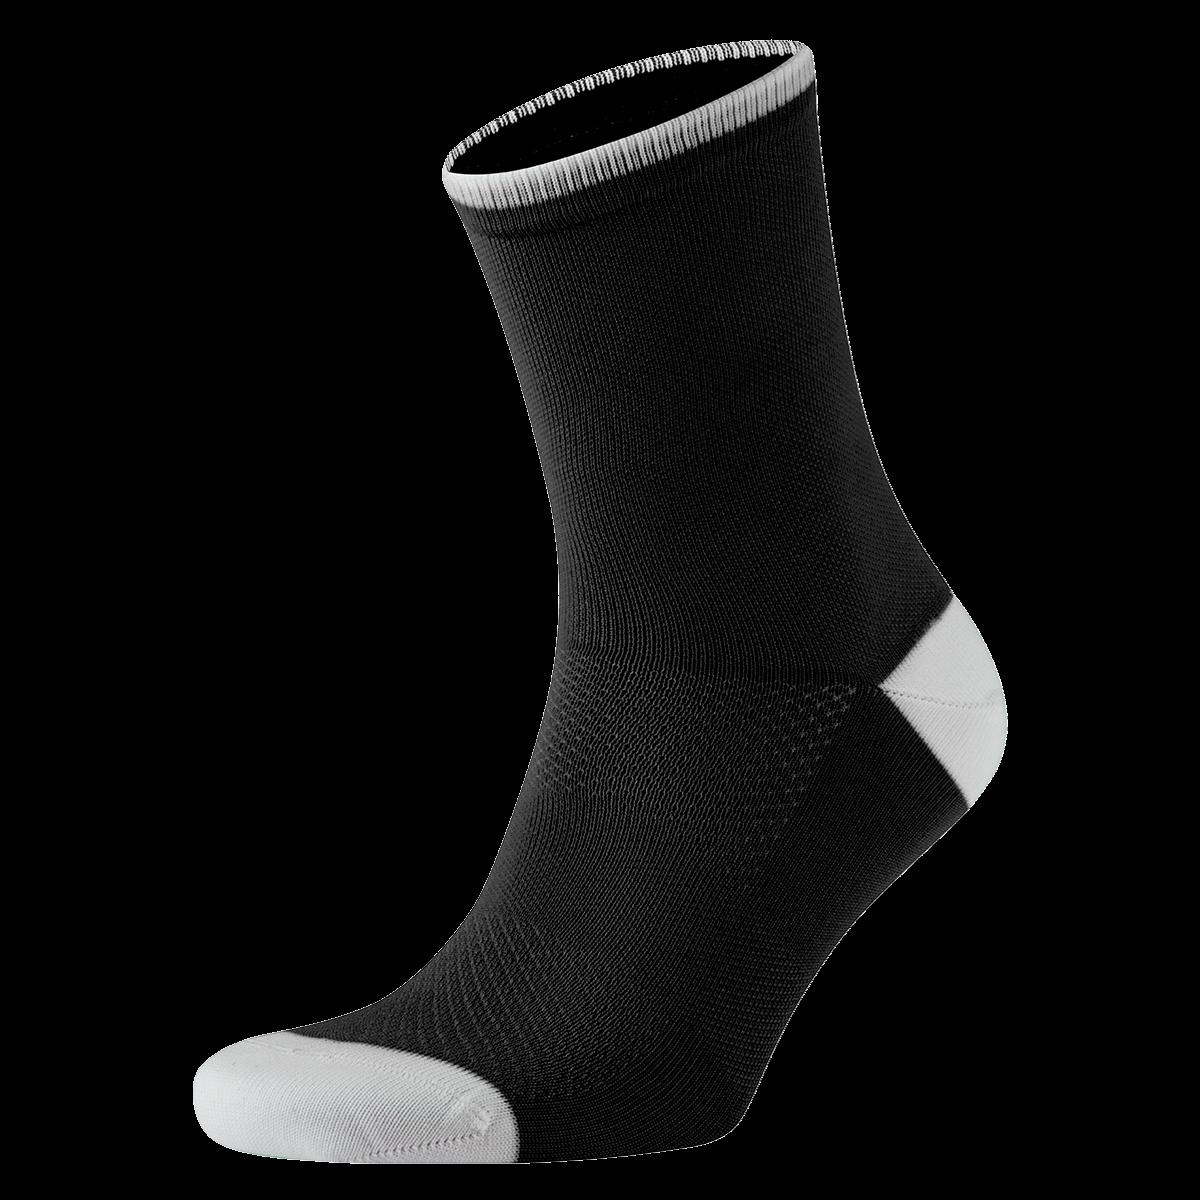 Airstream Meryl Skinlife Socks